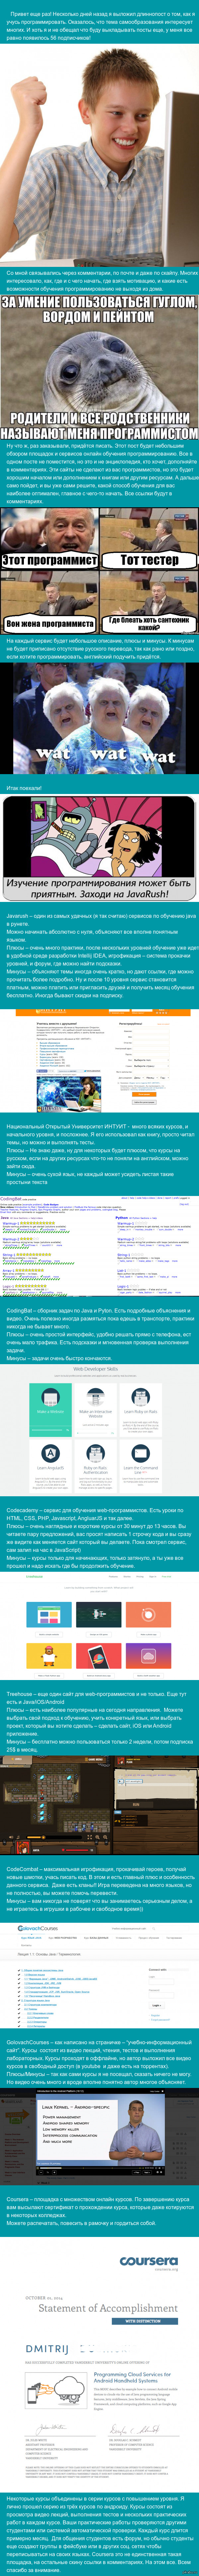 """Ученье – свет! Небольшой обзор сервисов для самостоятельного обучения программированию по следам поста """"Сижу - Пишу"""": <a href=""""http://pikabu.ru/story/sizhu__pishu_3444655"""">http://pikabu.ru/story/_3444655</a>"""